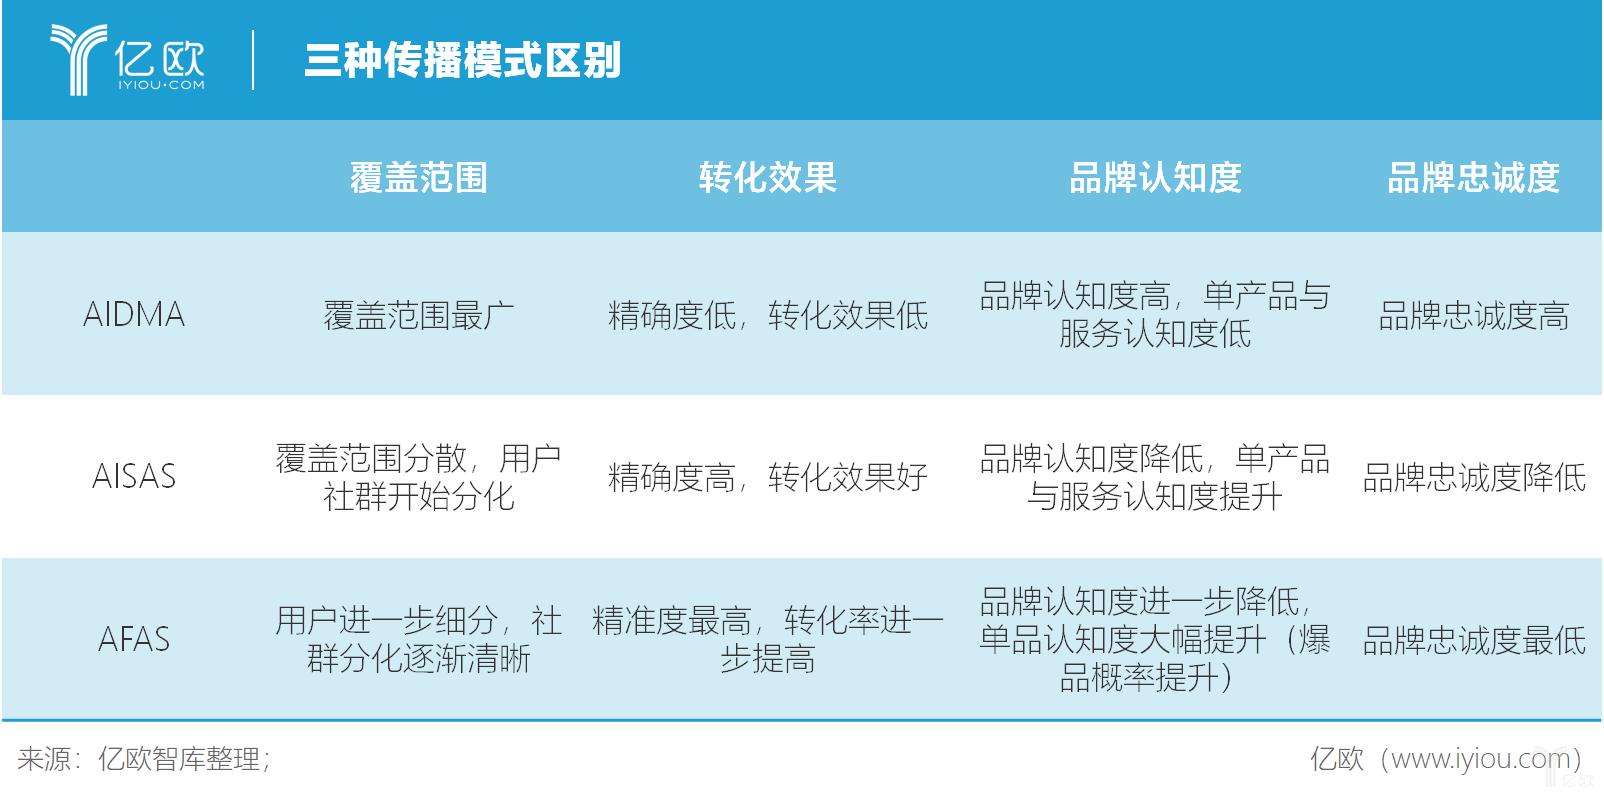 亿欧智库:三种传播模式区别